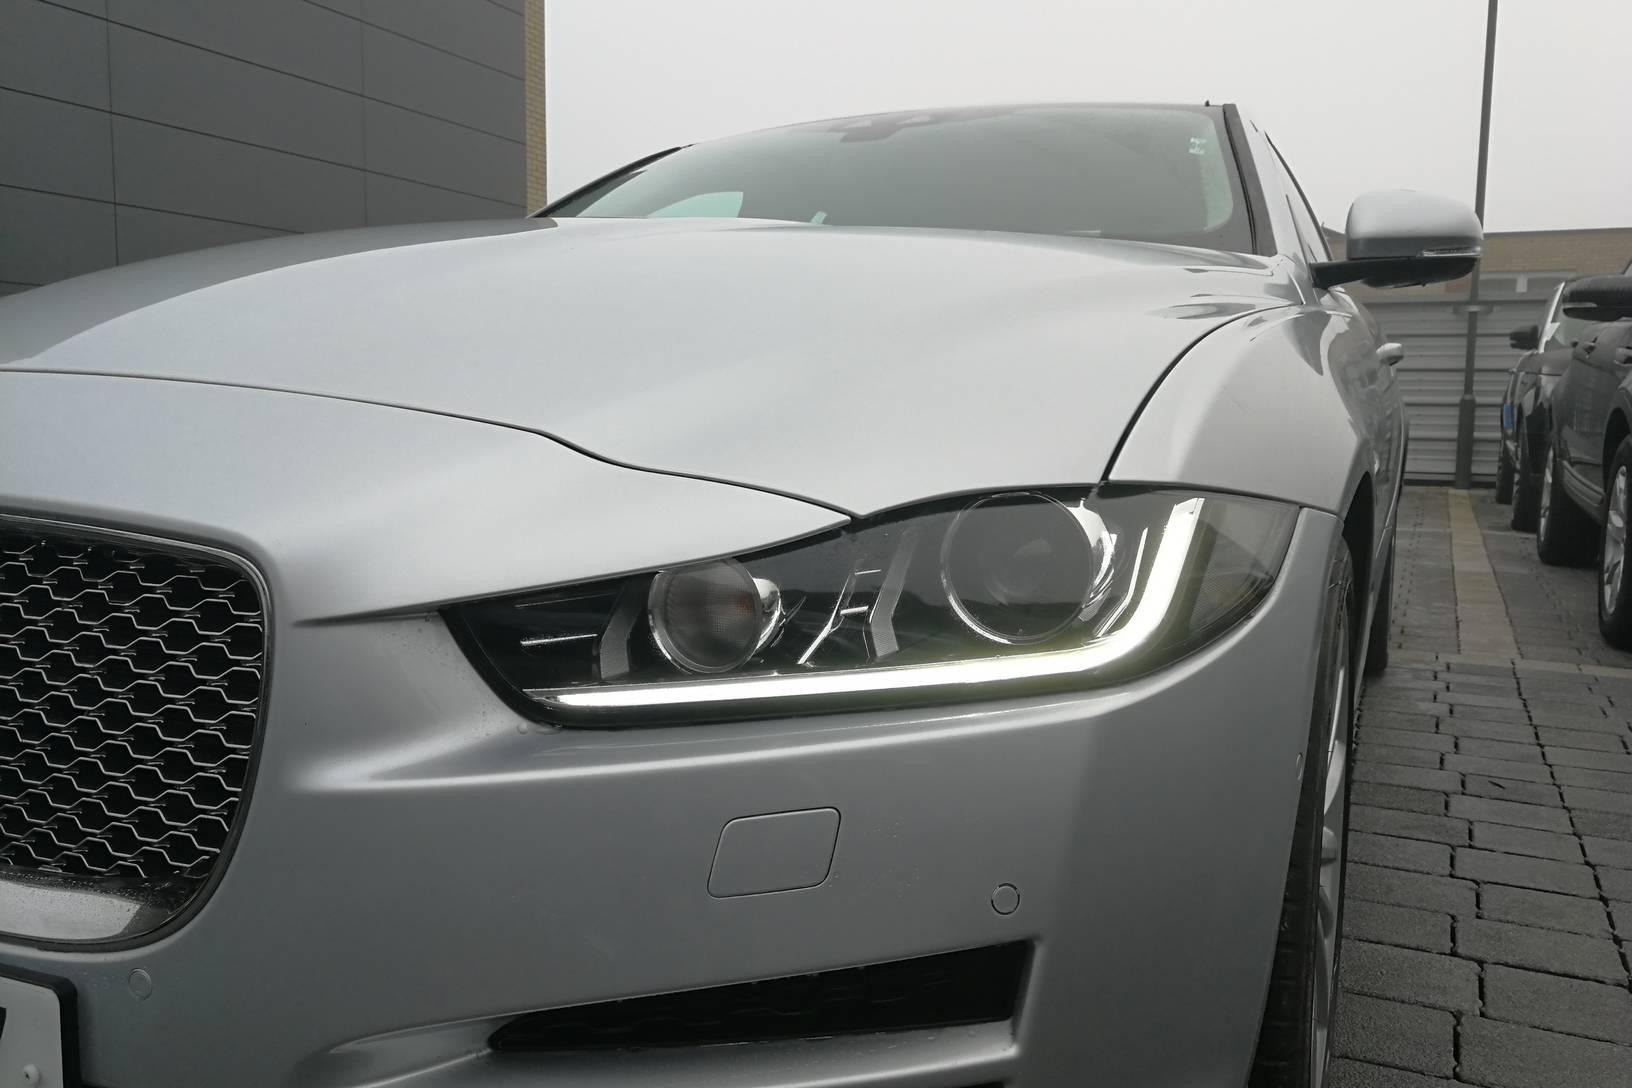 Jaguar XE 2.0d [180] Portfolio image 20